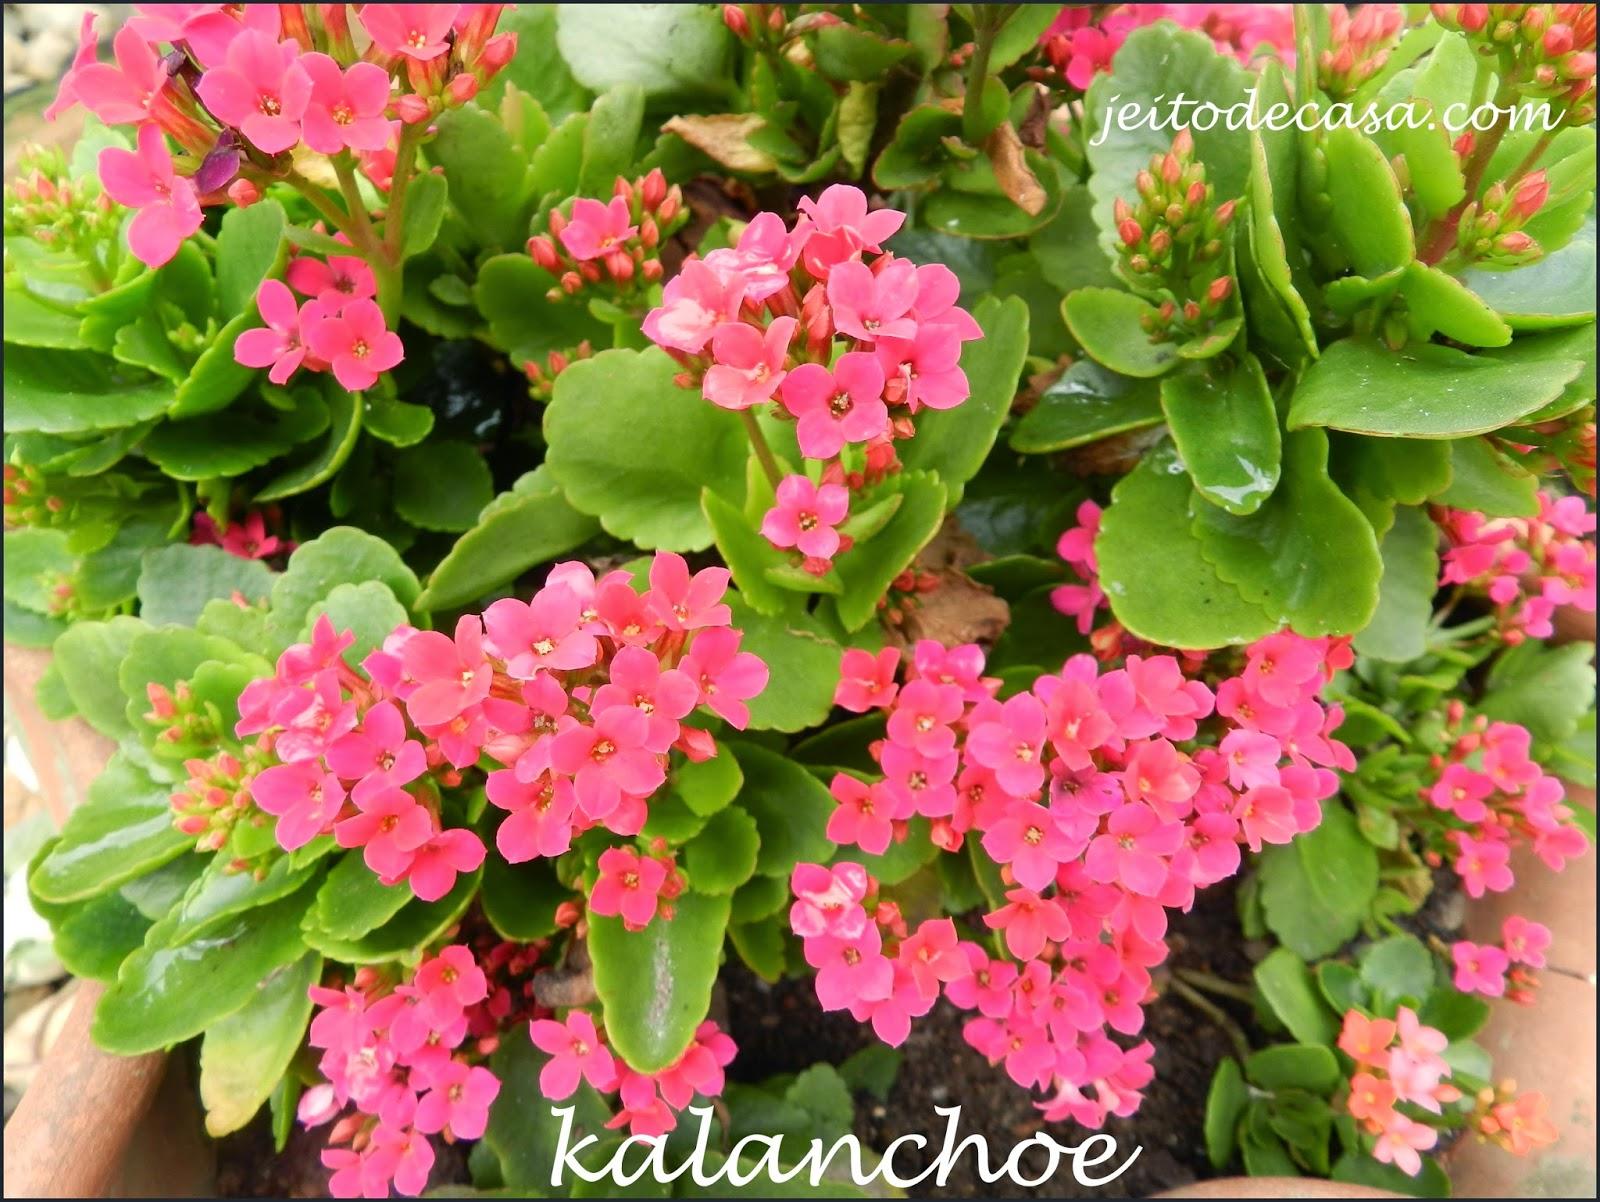 Flor kalanchoe